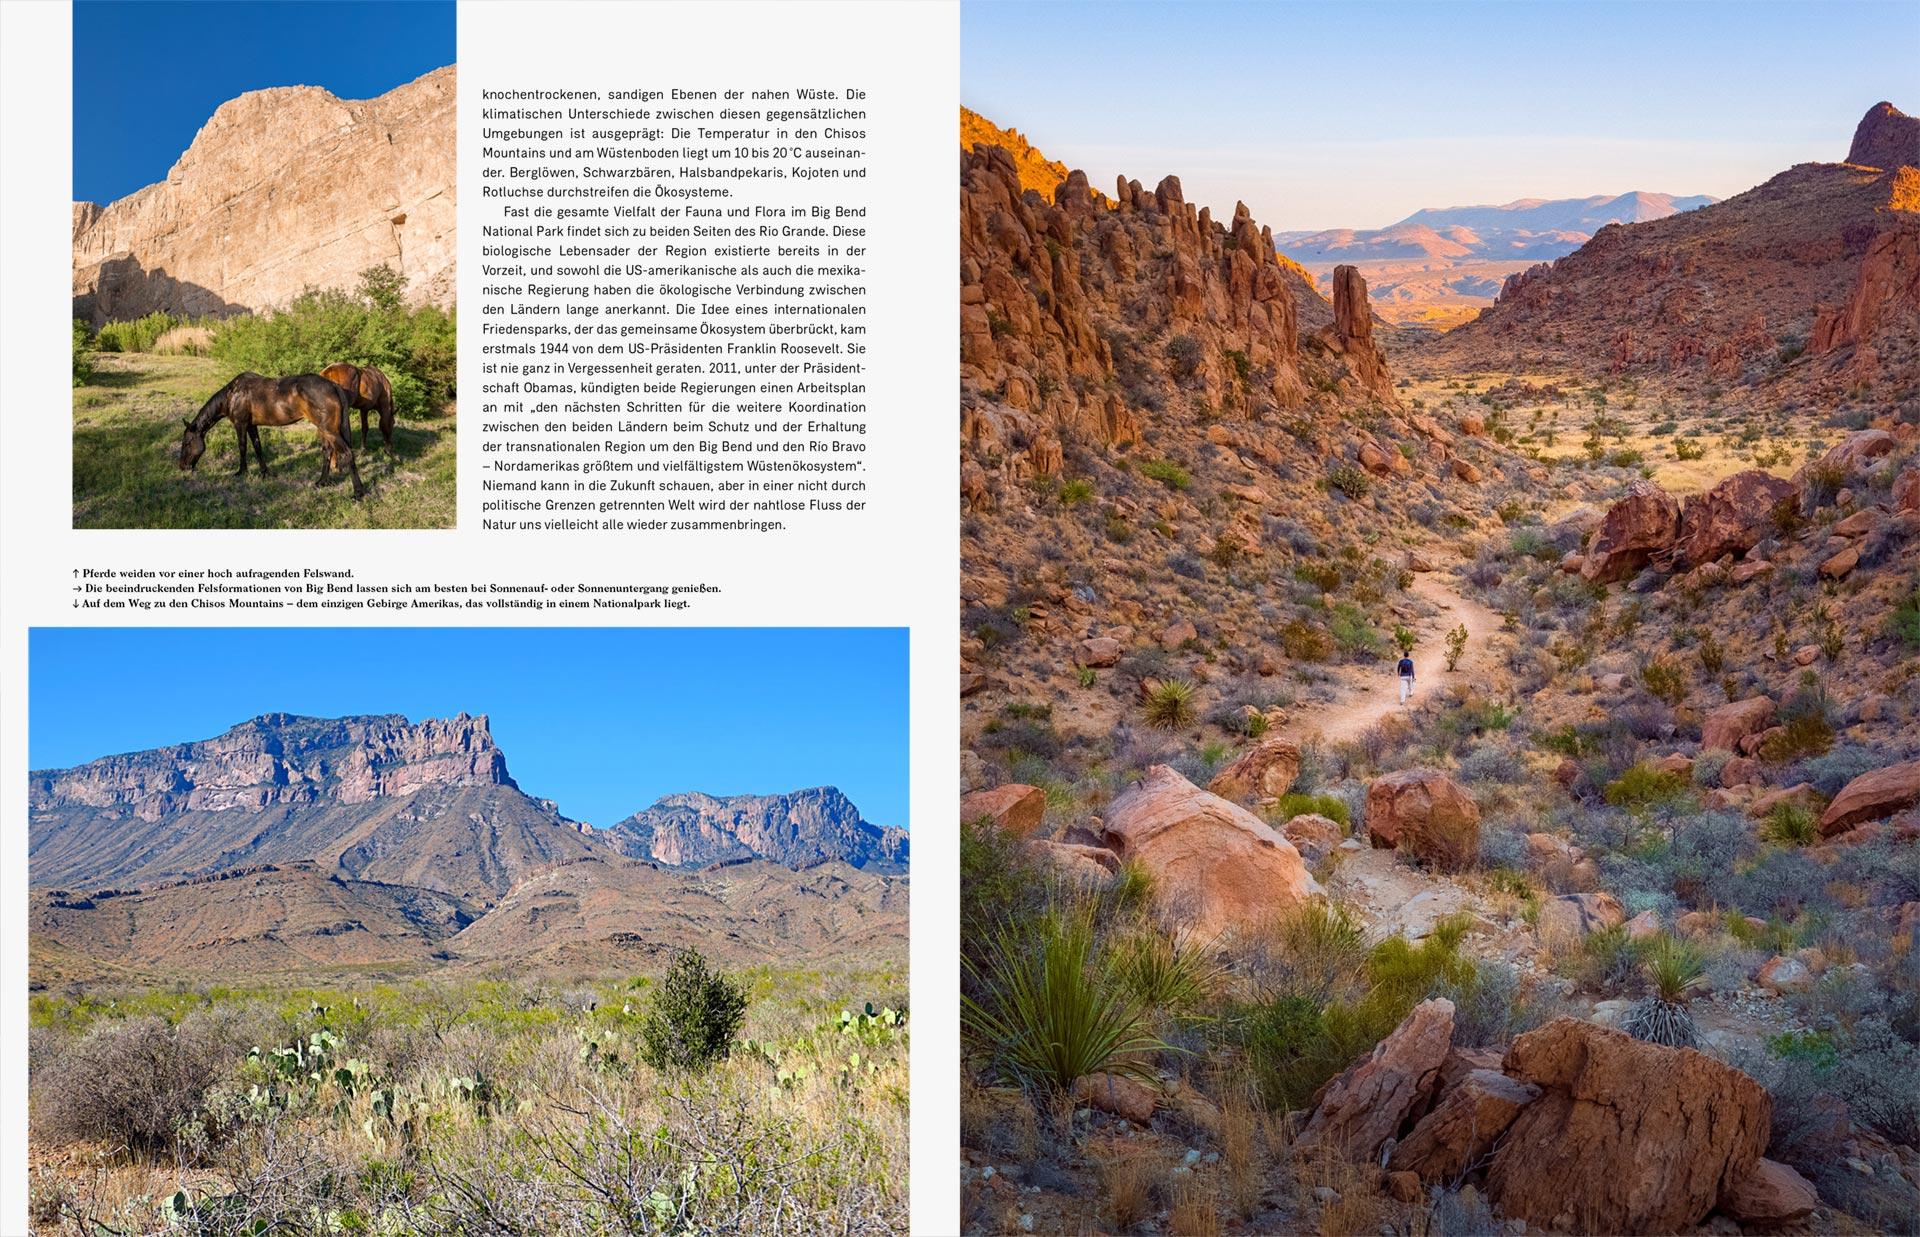 S.262-263 © Wanderlust USA, Gestalten, 2019